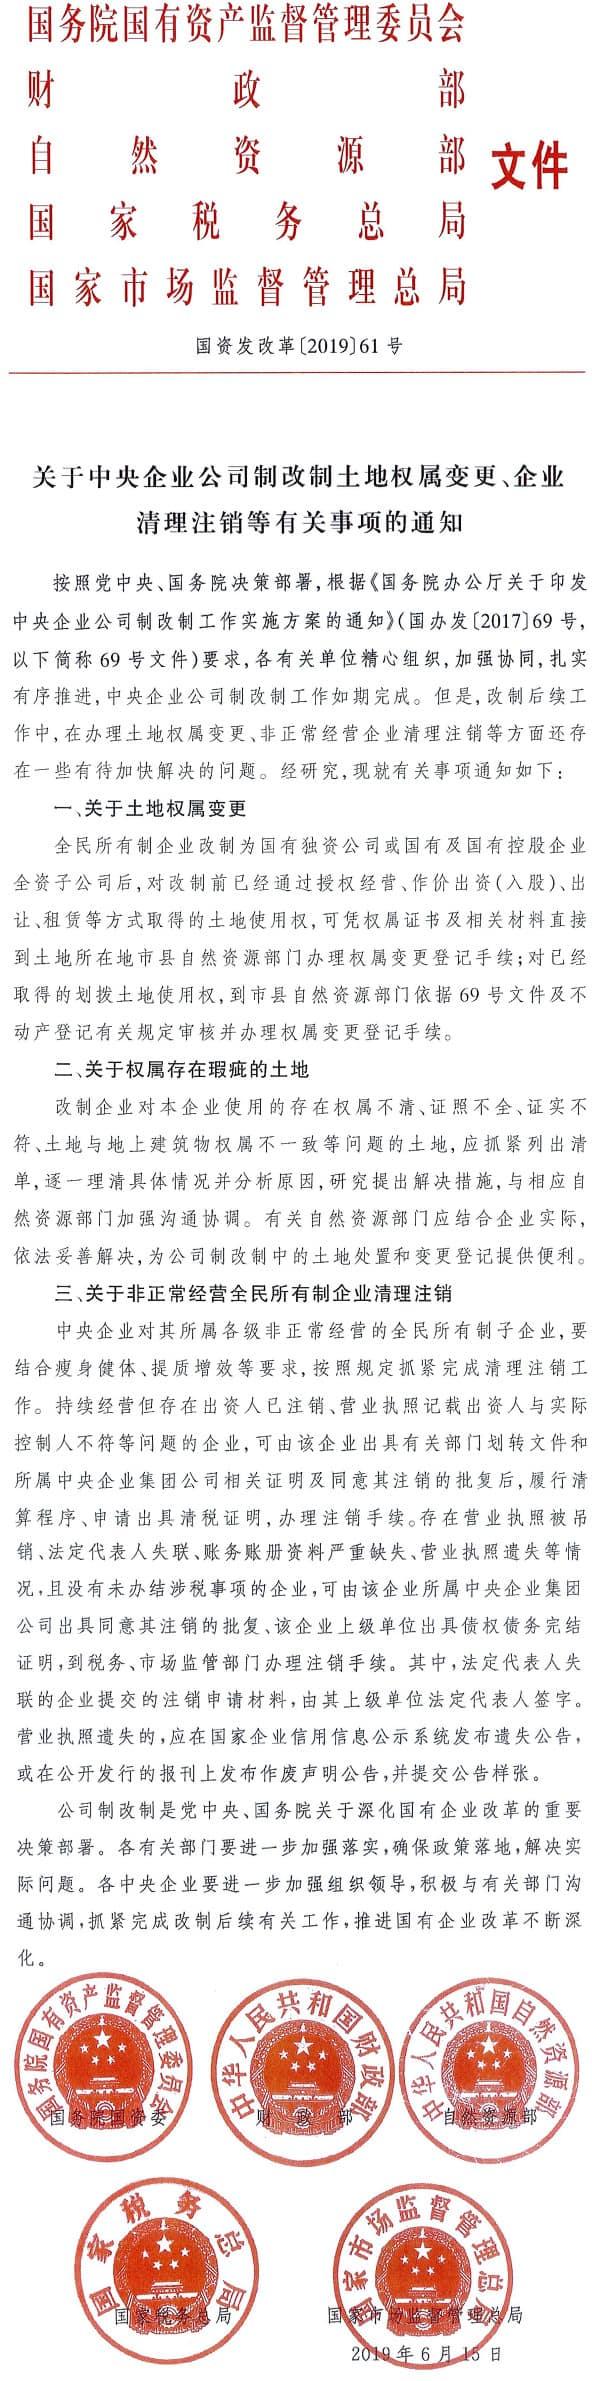 国资发改革〔2019〕61号《 关于中央企业公司制改制土地权属变更、企业清理注销等有关事项的通知》